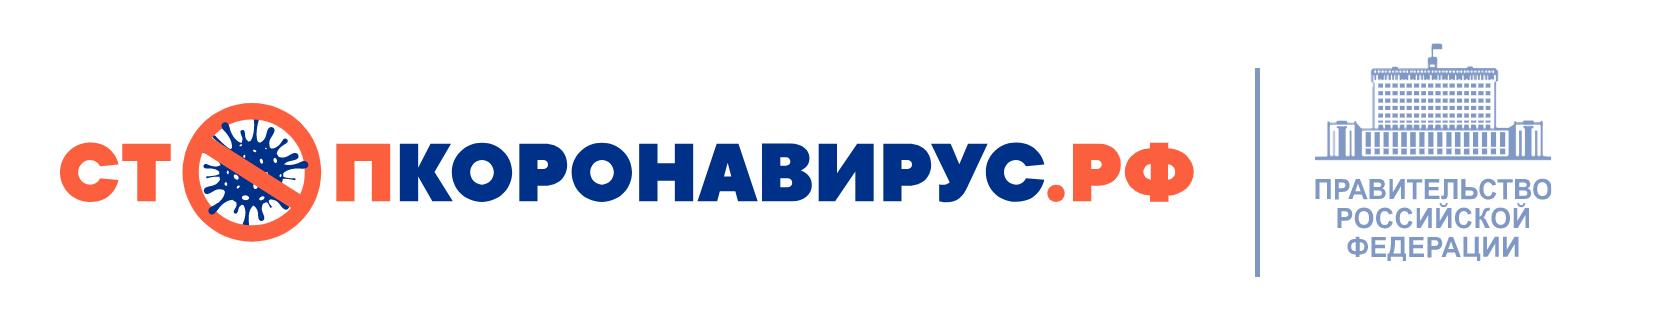 В Башкортостане сходить в кино, театр, библиотеку, клуб, на концерт или за покупками в торговый центр теперь можно только с сертификатом вакцинации от COVID-19